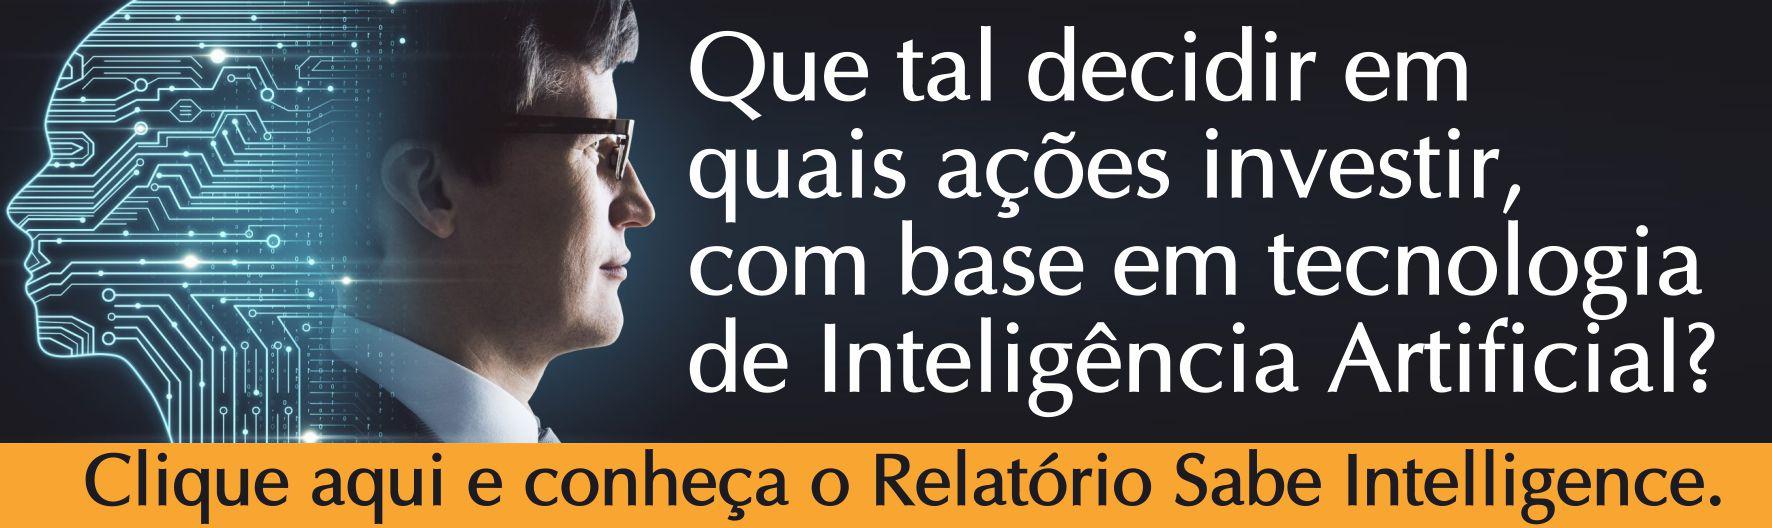 SABE Intelligence